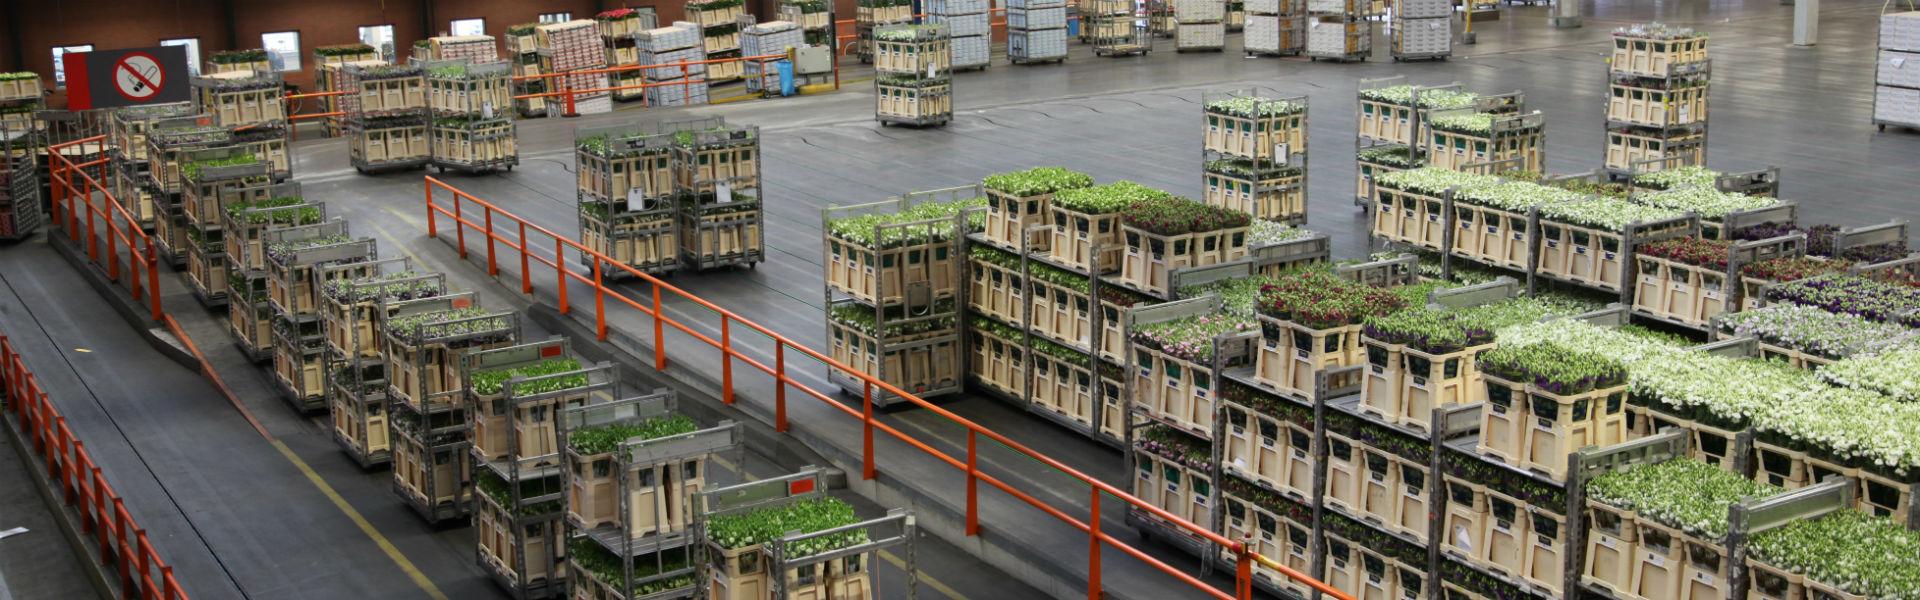 FloraHolland auction carts